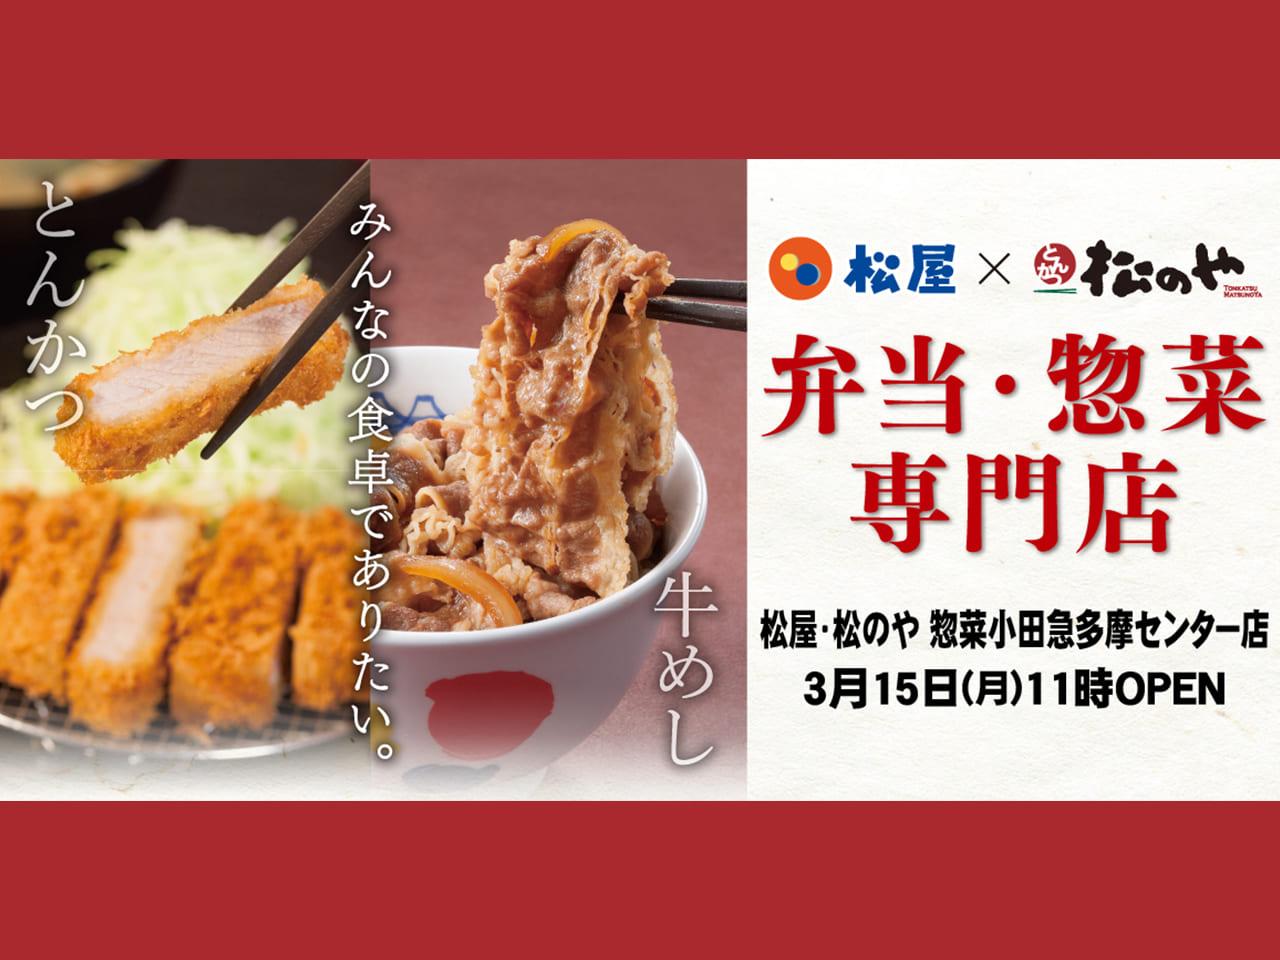 『松屋』と『松のや』が合体?!弁当・惣菜専門店が多摩センターに期間限定オープン!